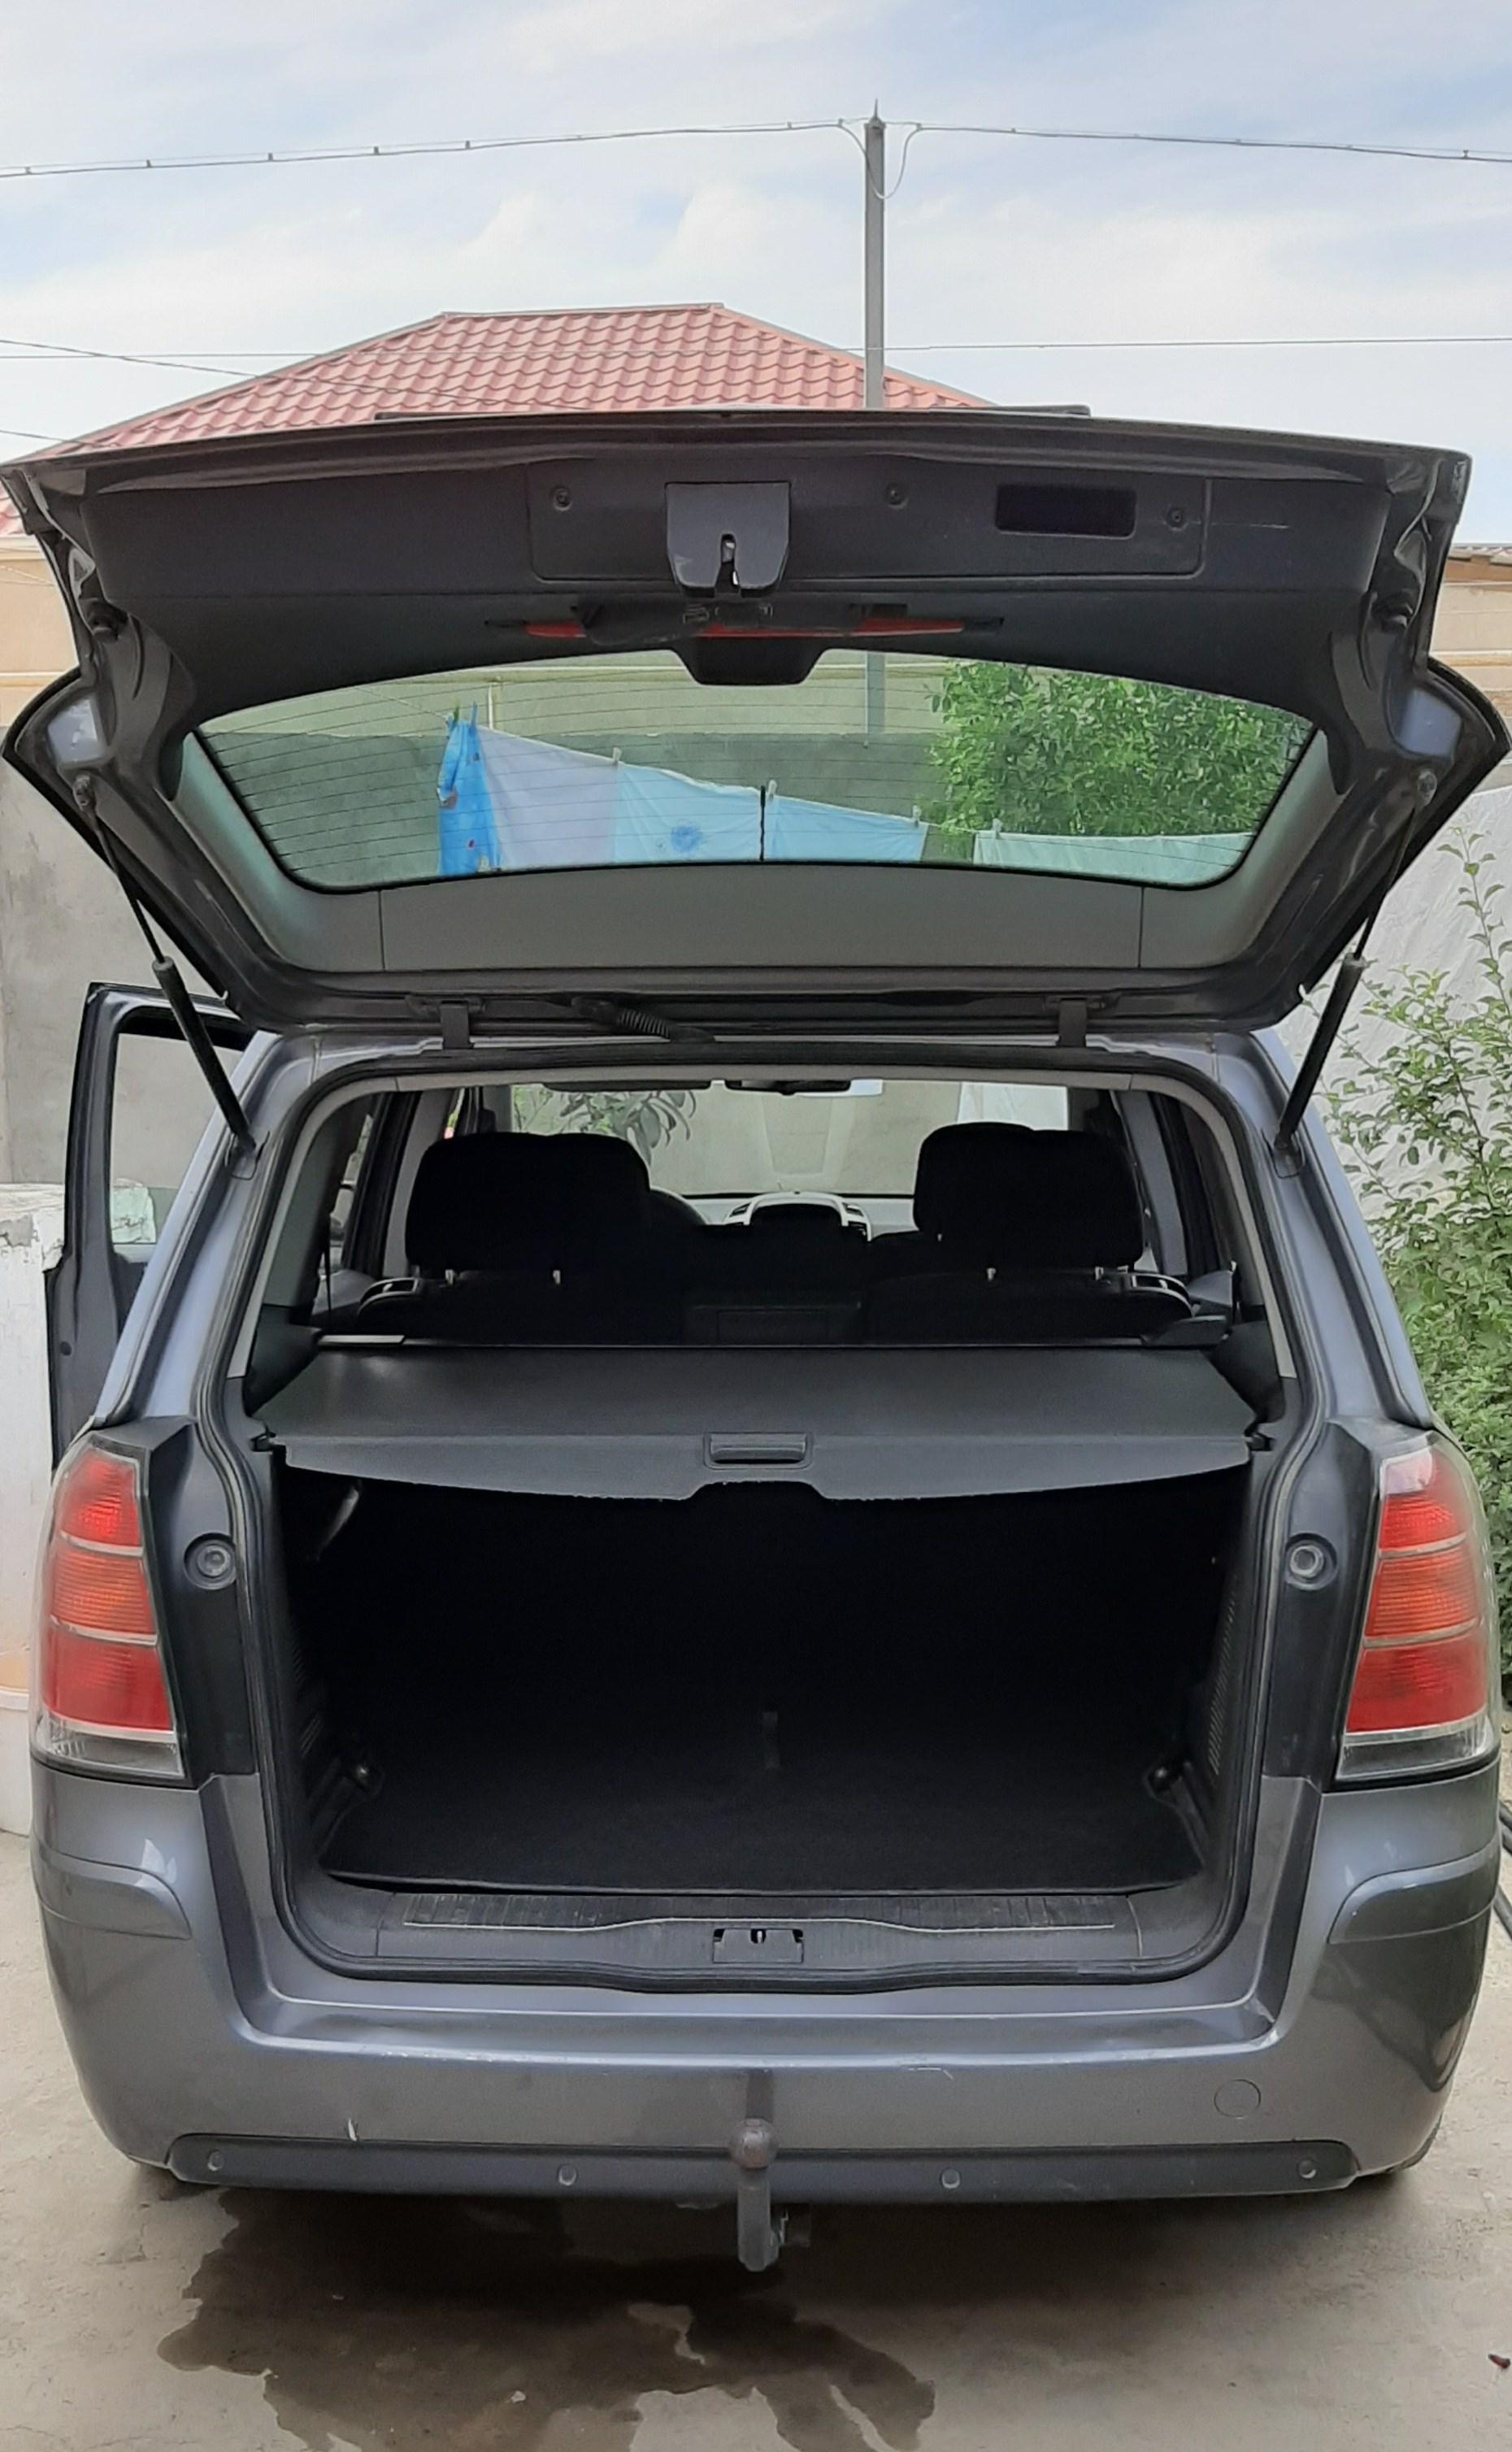 Opel Zafira 2.2(lt) 2005 İkinci əl  $8250